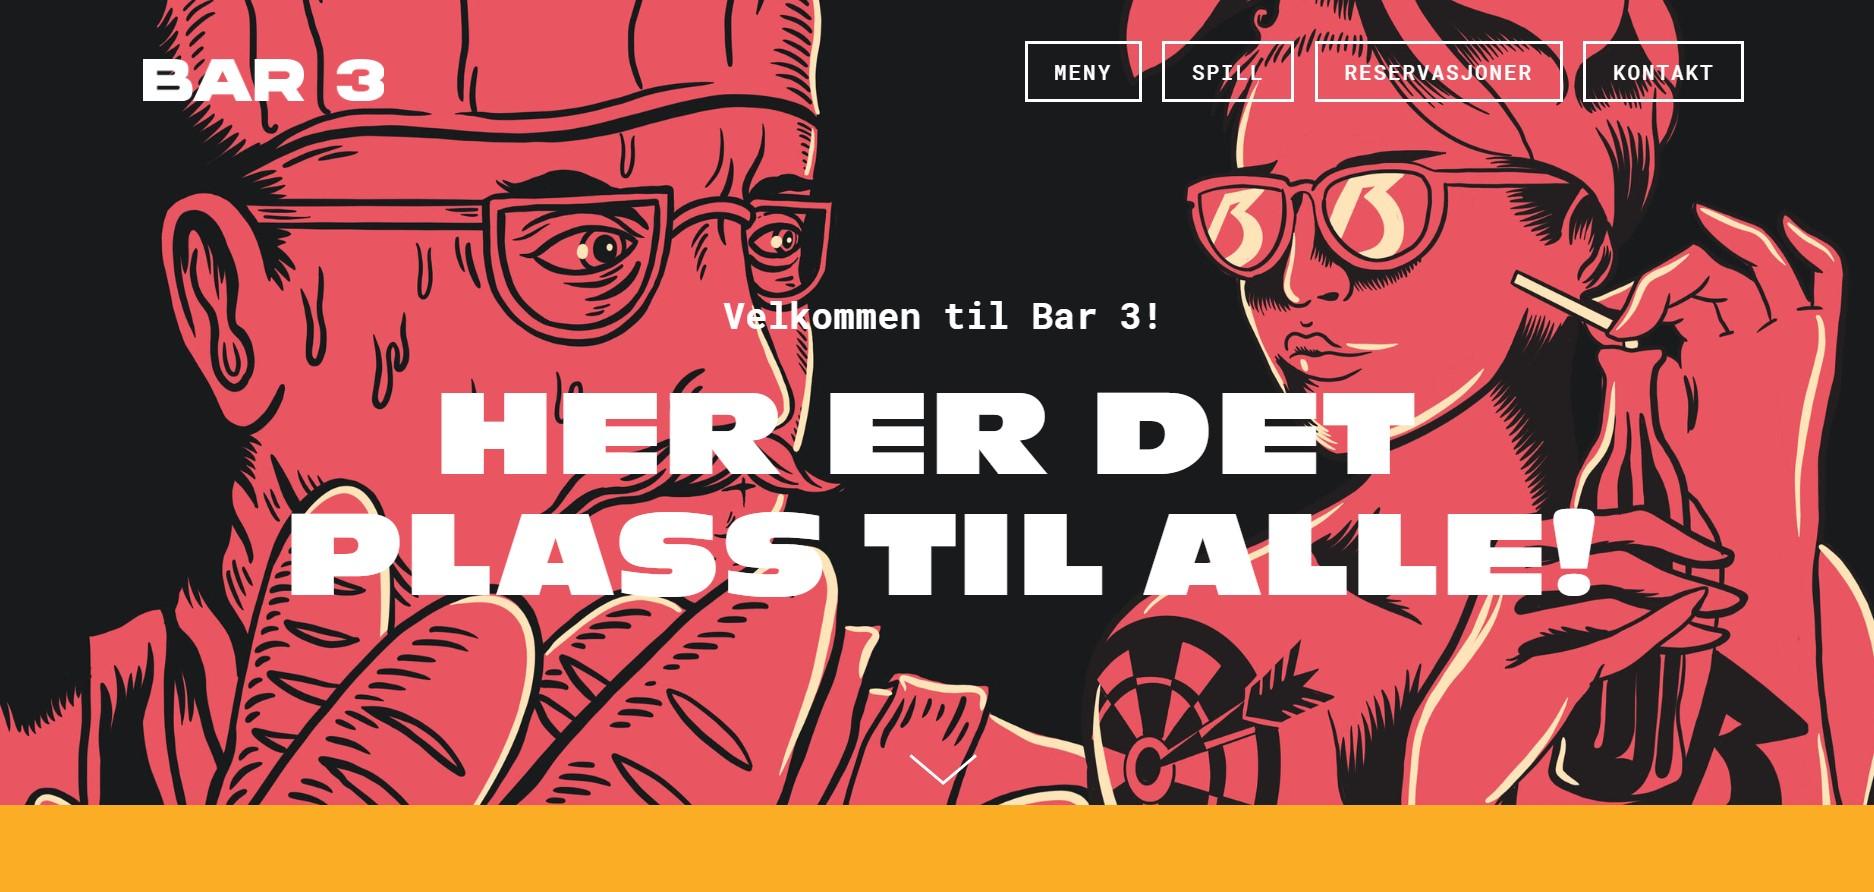 bar3.no